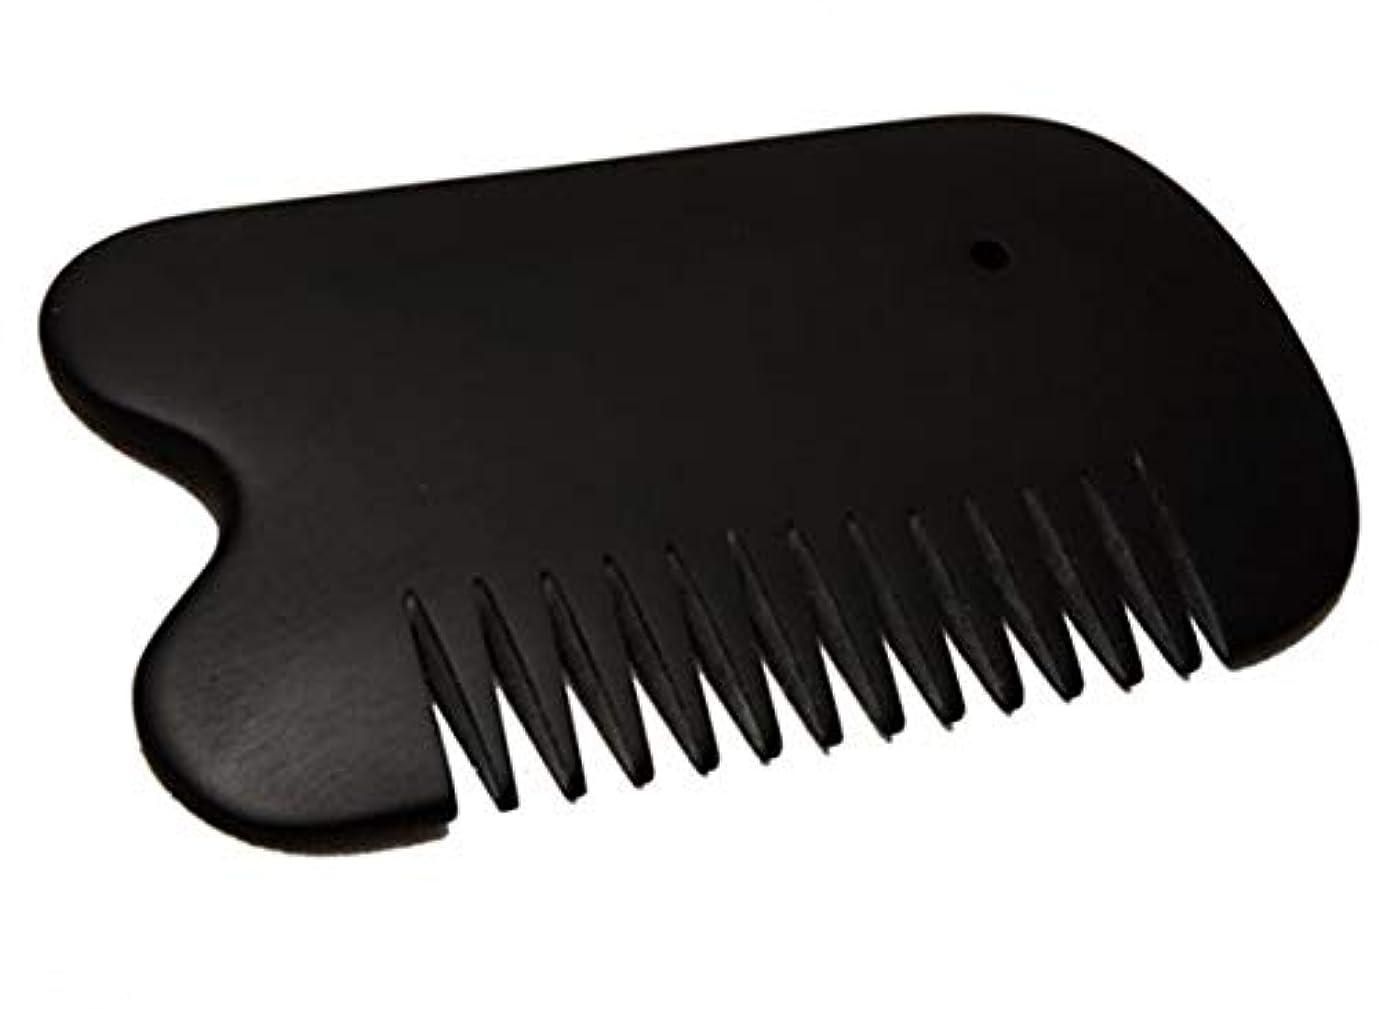 積分ブームコウモリカッサ 天然「泗濱浮石」頭痛?白髪?抜け毛防止 櫛型かっさ板 プレート黒